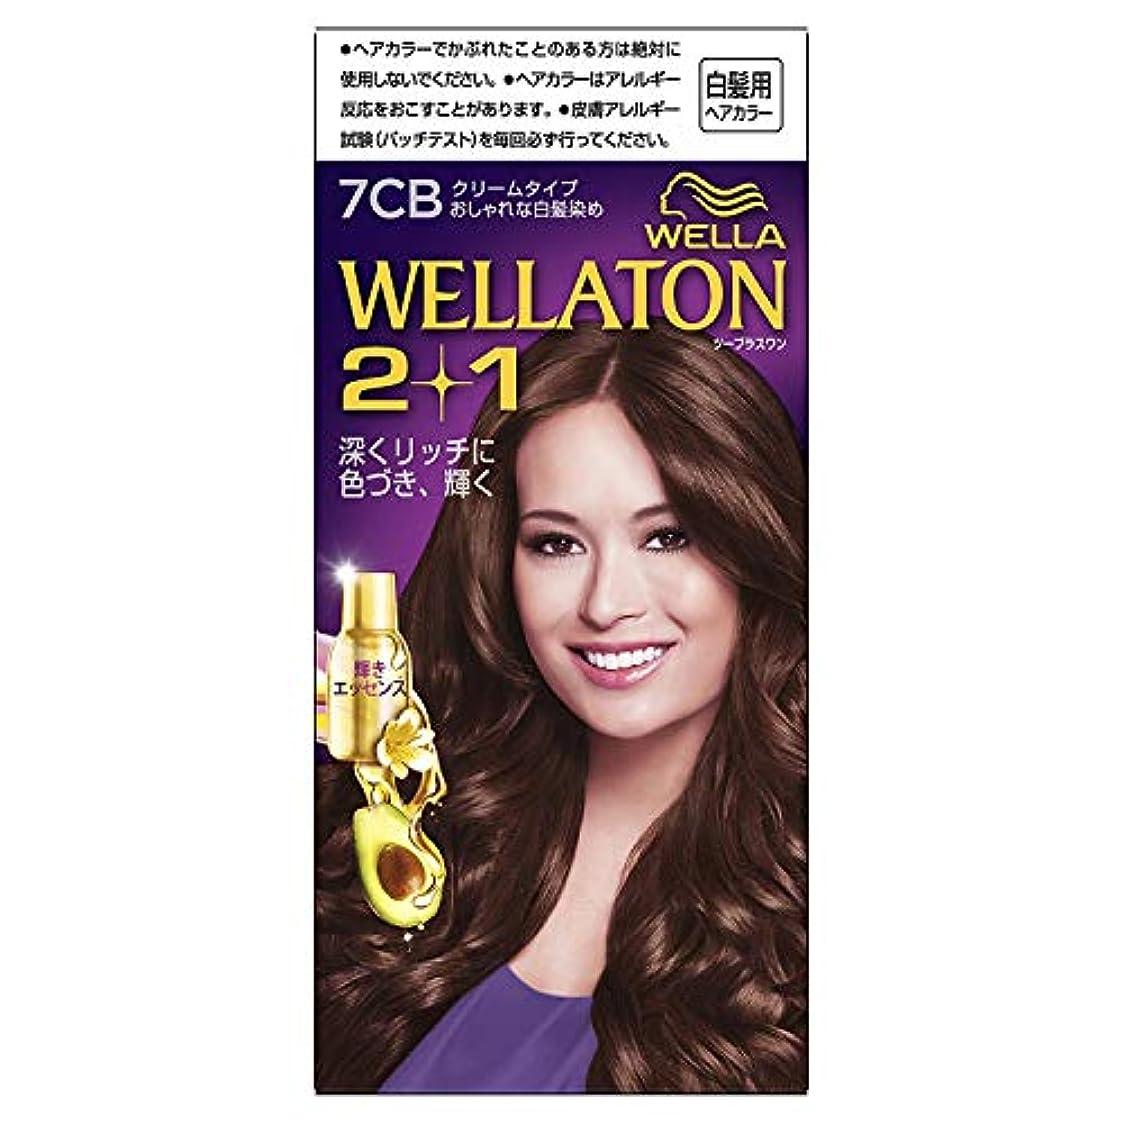 狼蒸留する契約ウエラトーン2+1 白髪染め クリームタイプ 7CB [医薬部外品]×3個